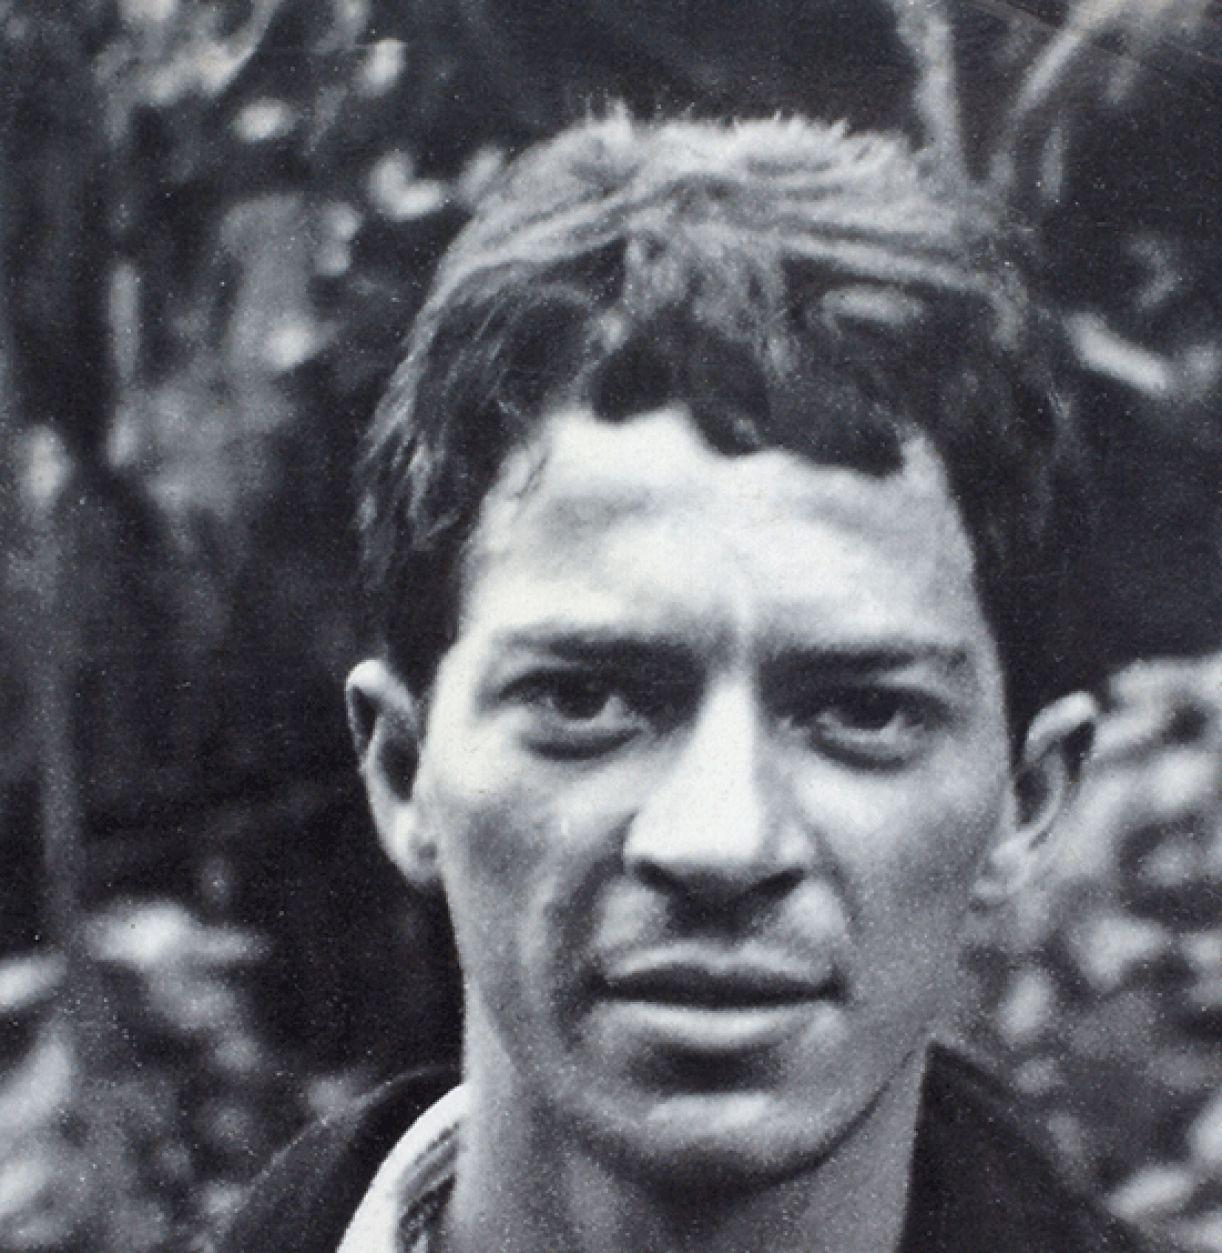 O artista e militante ítalo-brasileiro Antonio Benetazzo